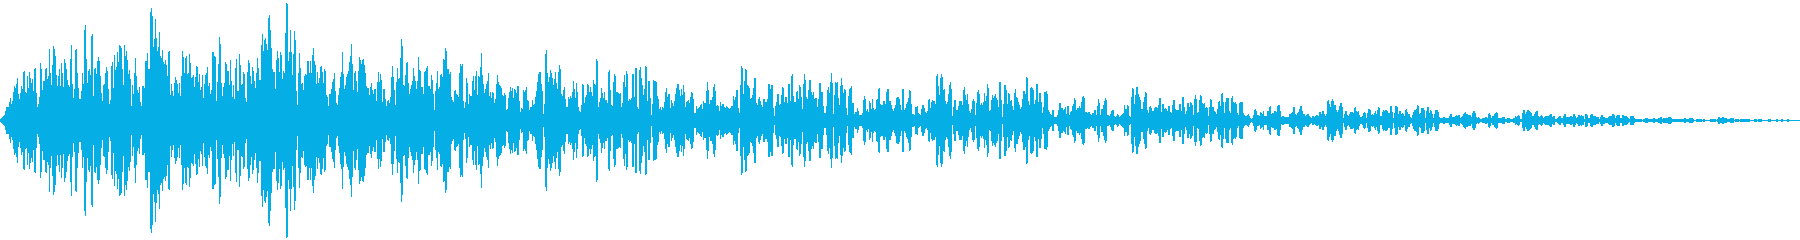 ユニバーサルインパクト2の再生済みの波形